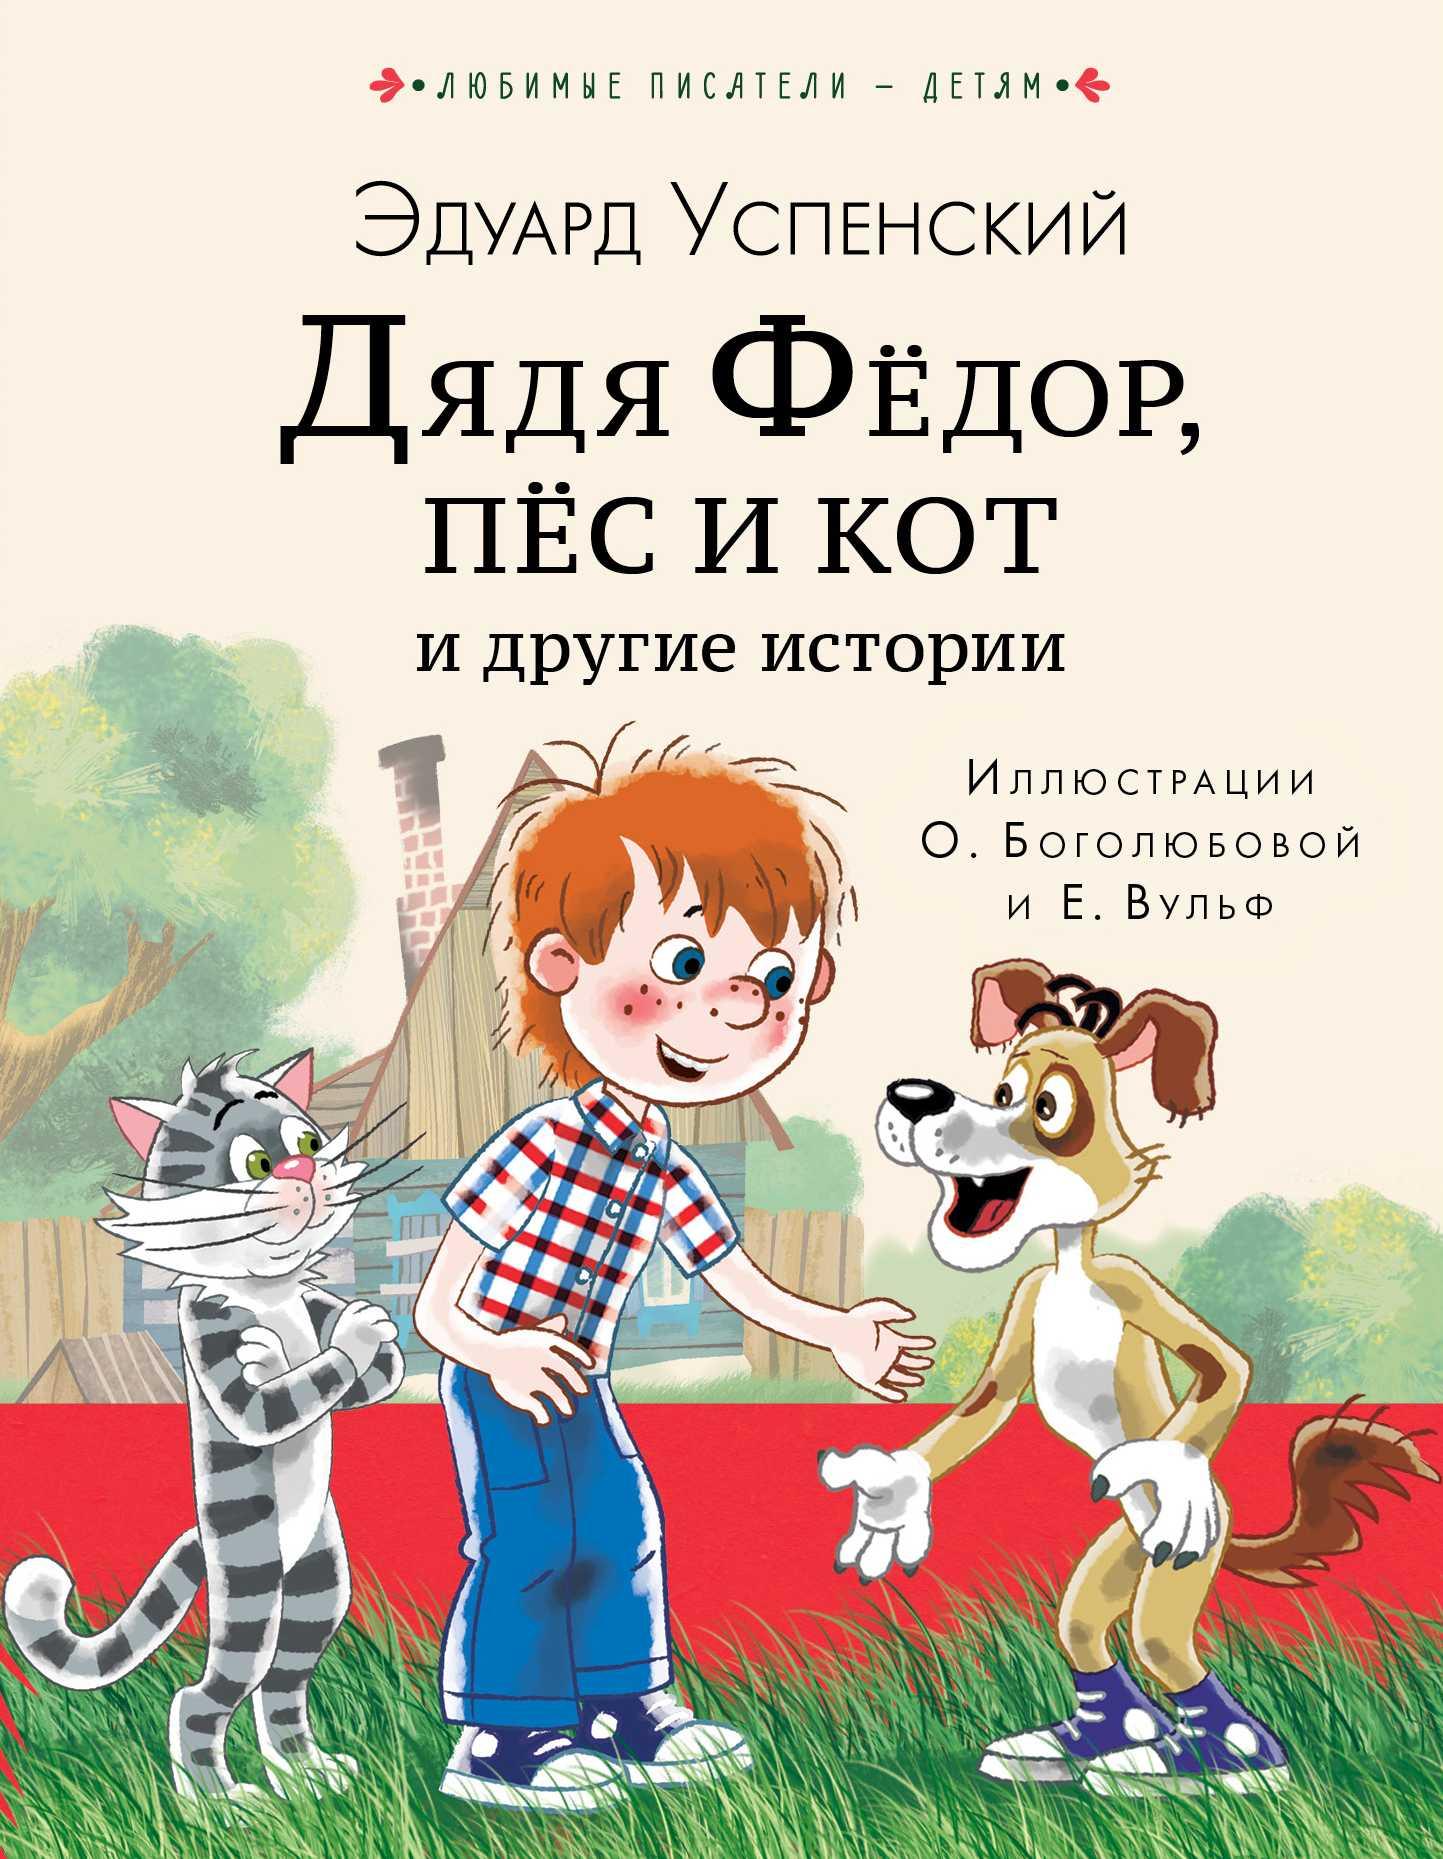 dyadya fedor pes kot i drugie istorii